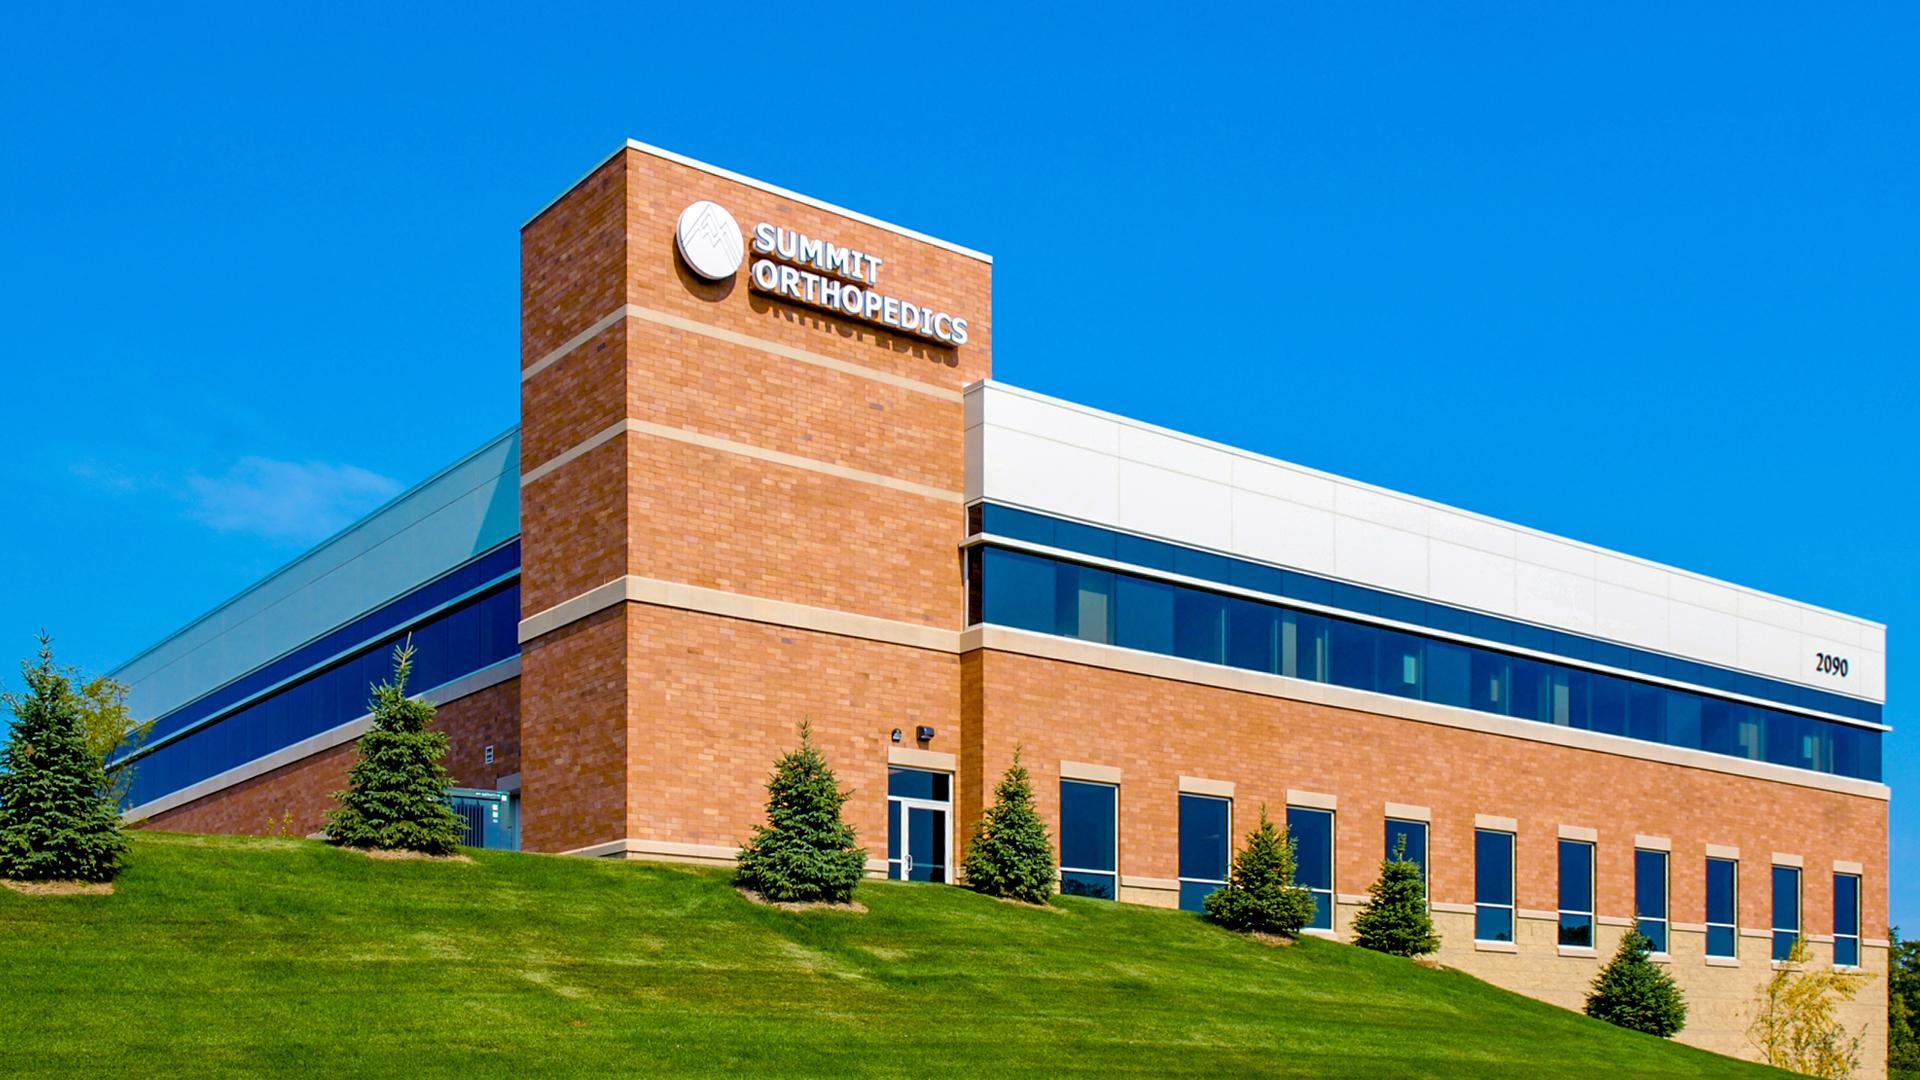 Woodlake Medical Center Woodbury MN Healthcare Summit Orthopedics Back Elevation View